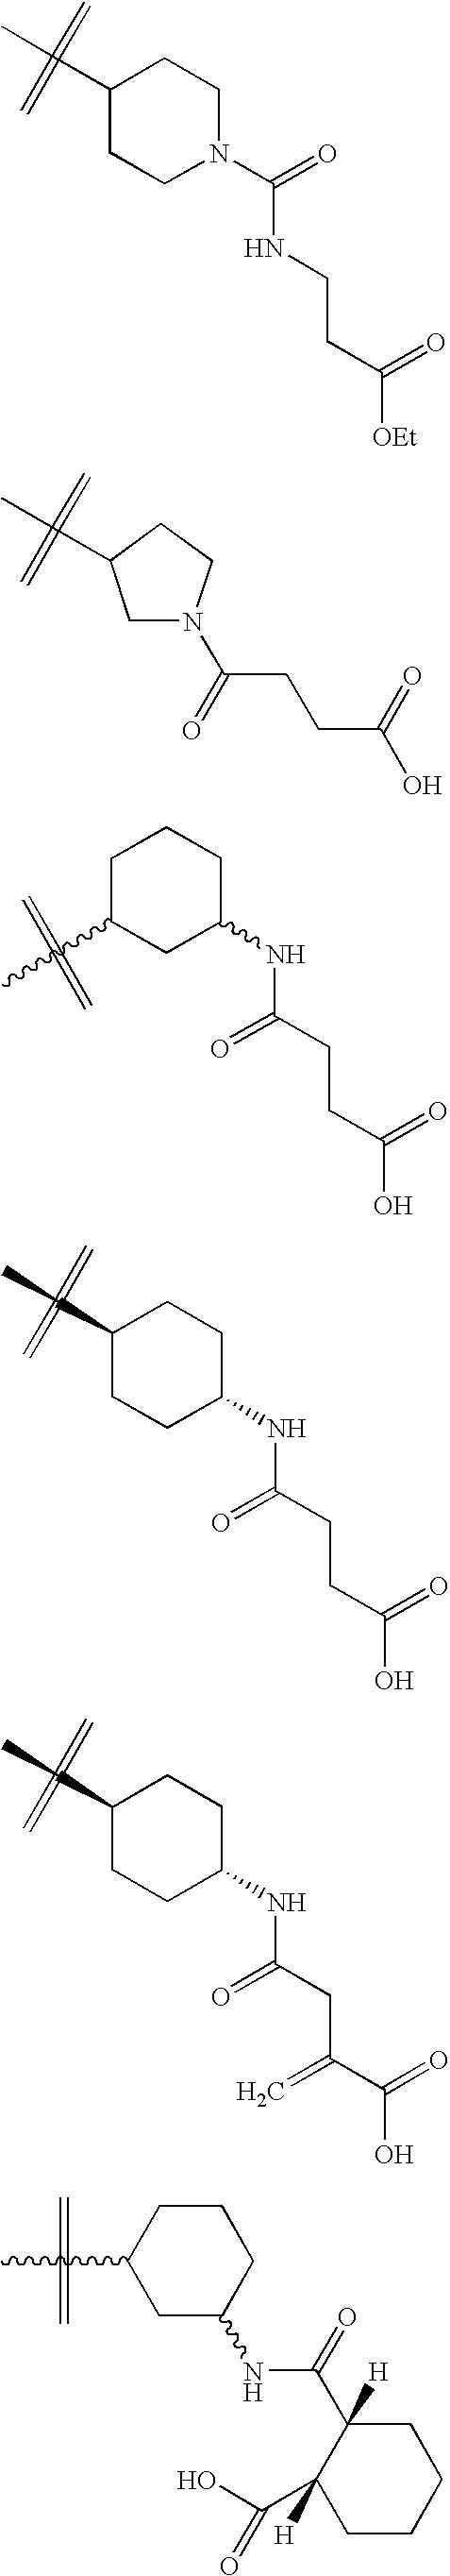 Figure US20070049593A1-20070301-C00103